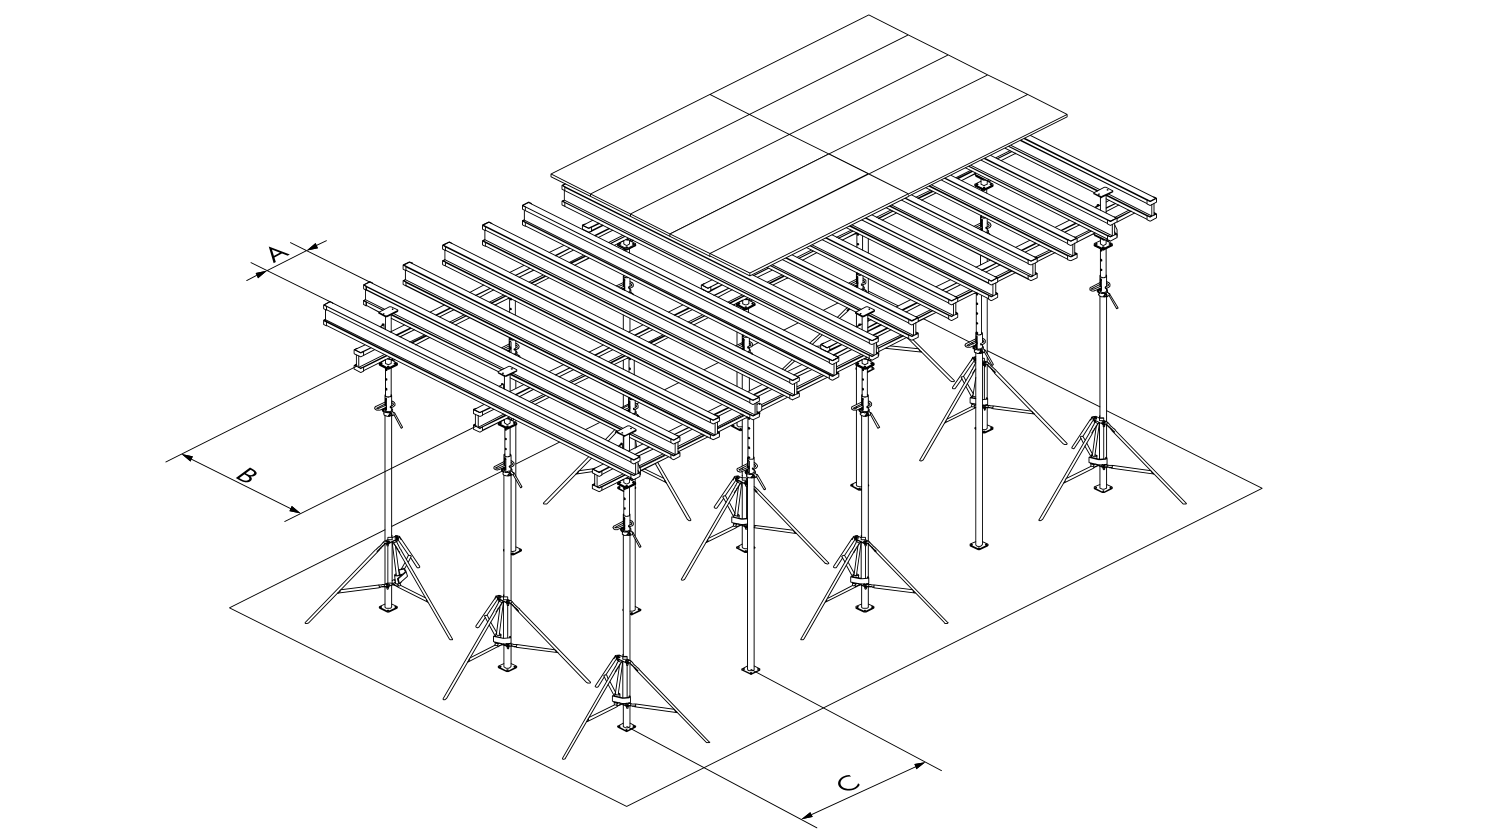 Schema di montaggio per il posizionamento delle travi e dei puntelli